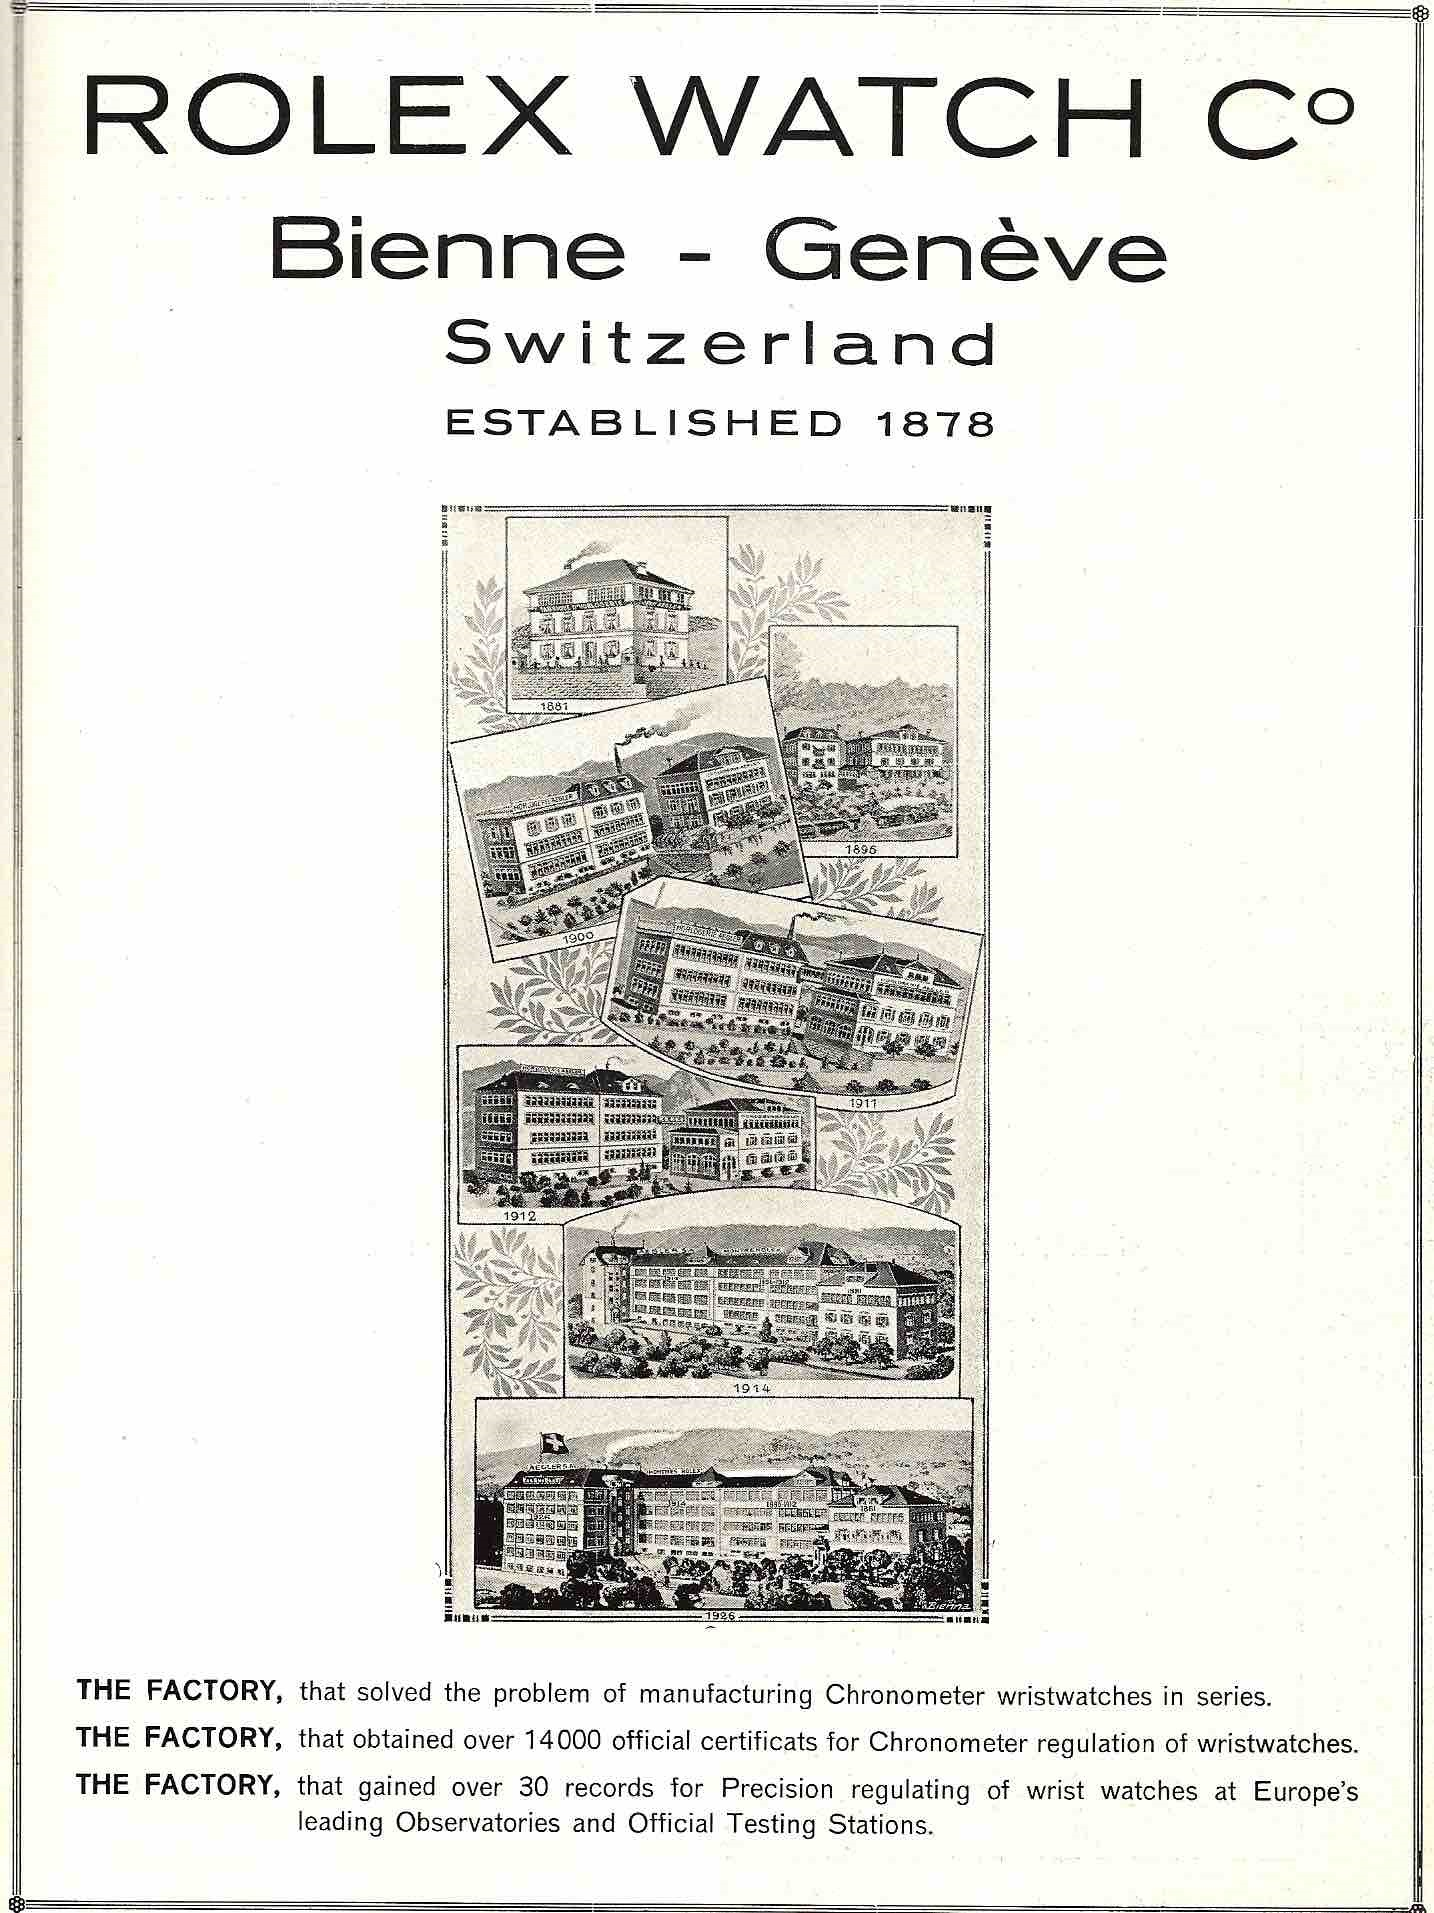 1939 Rolex_bienne_geneve_1939